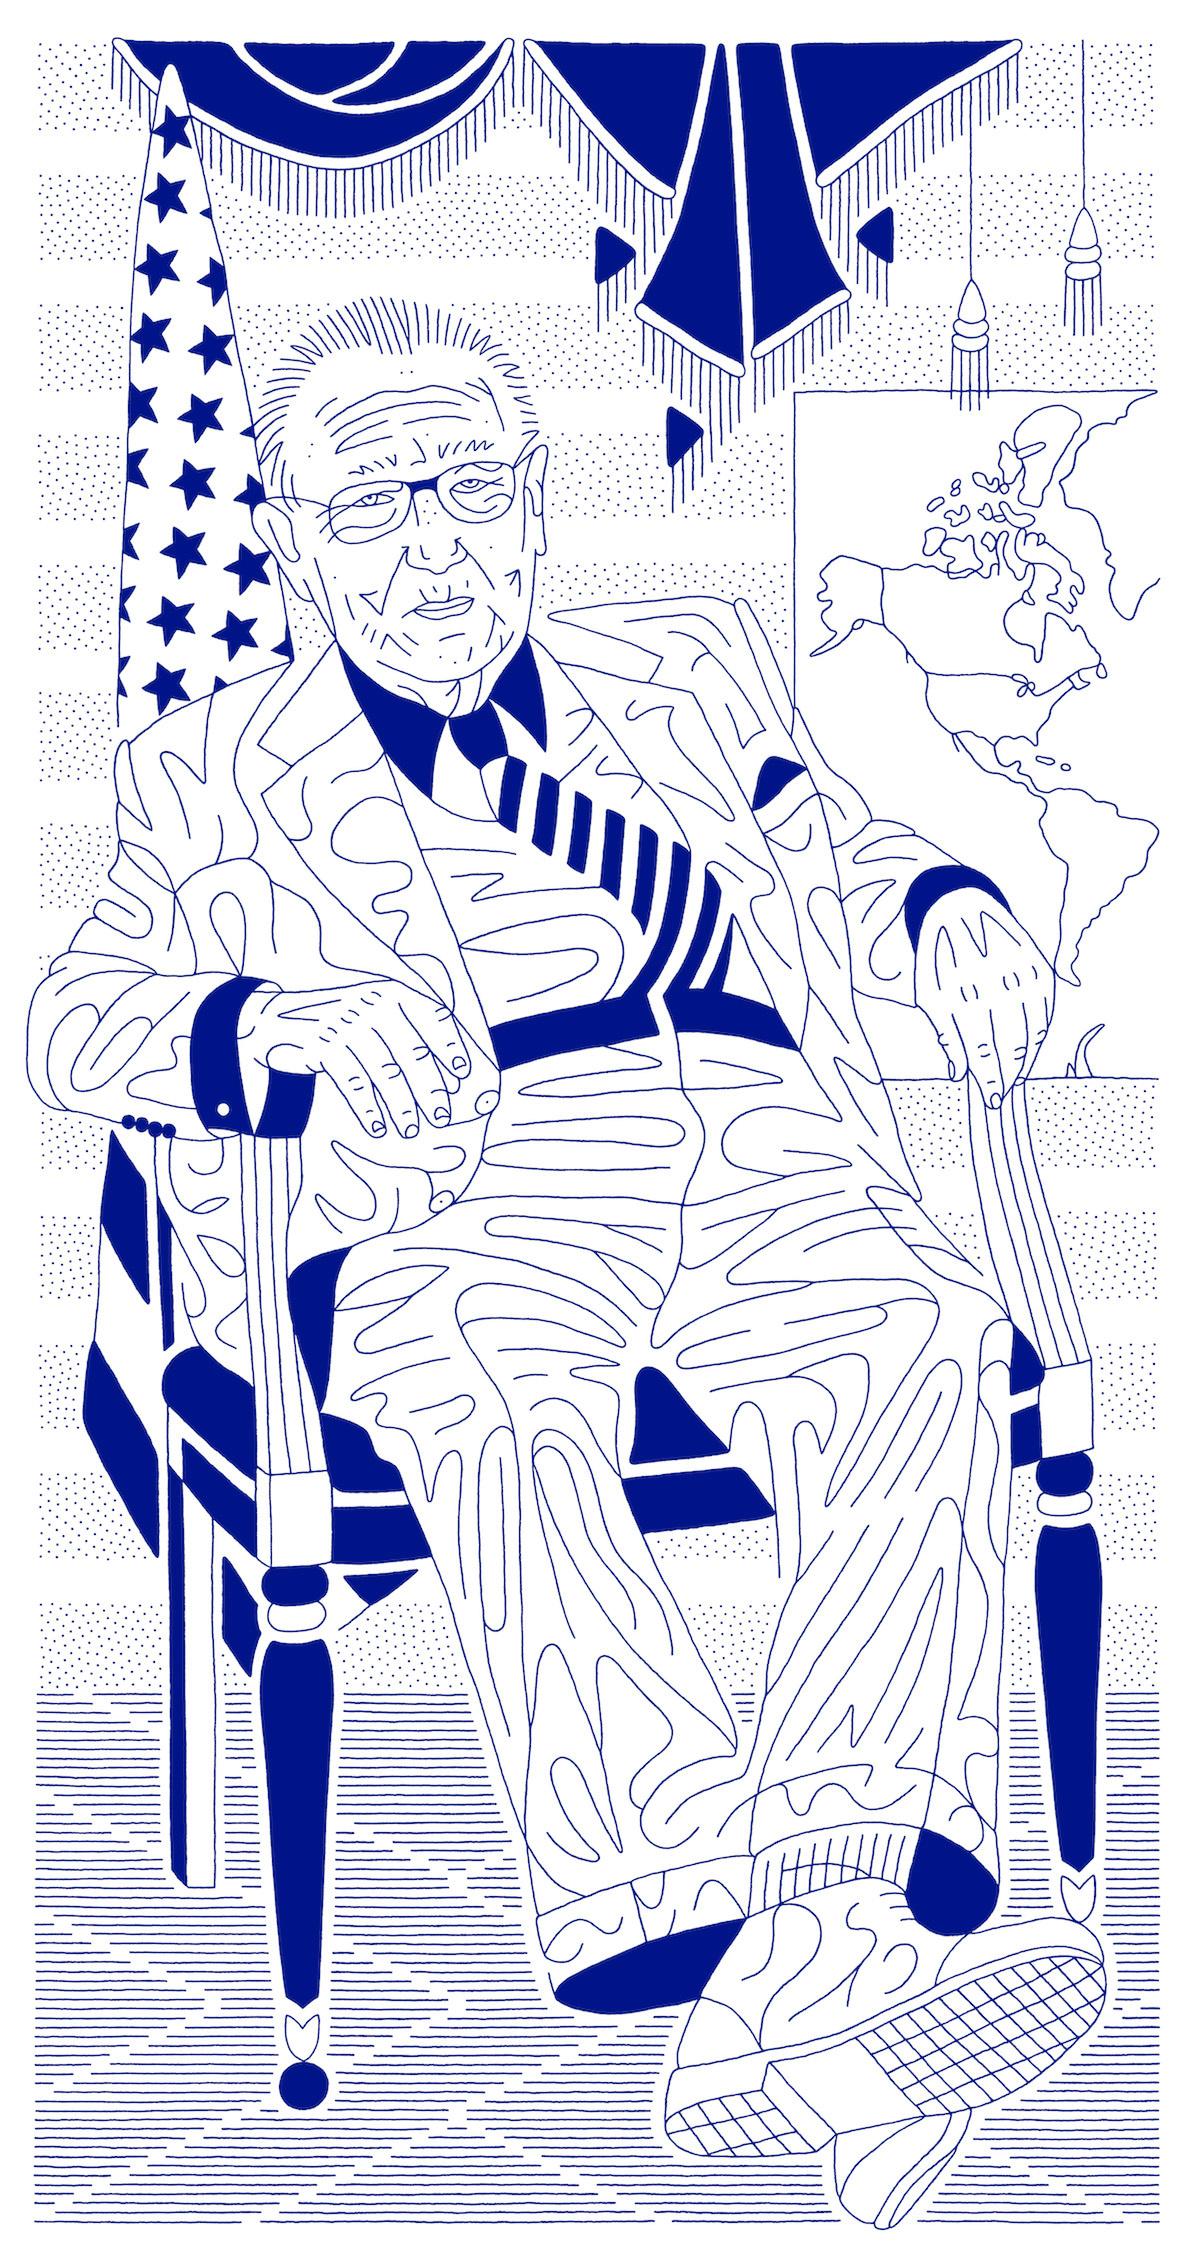 """Dmitry Gennadievich Borshch. """"Doctor Kissinger"""", also called """"In seine Hand die Macht gegeben"""""""